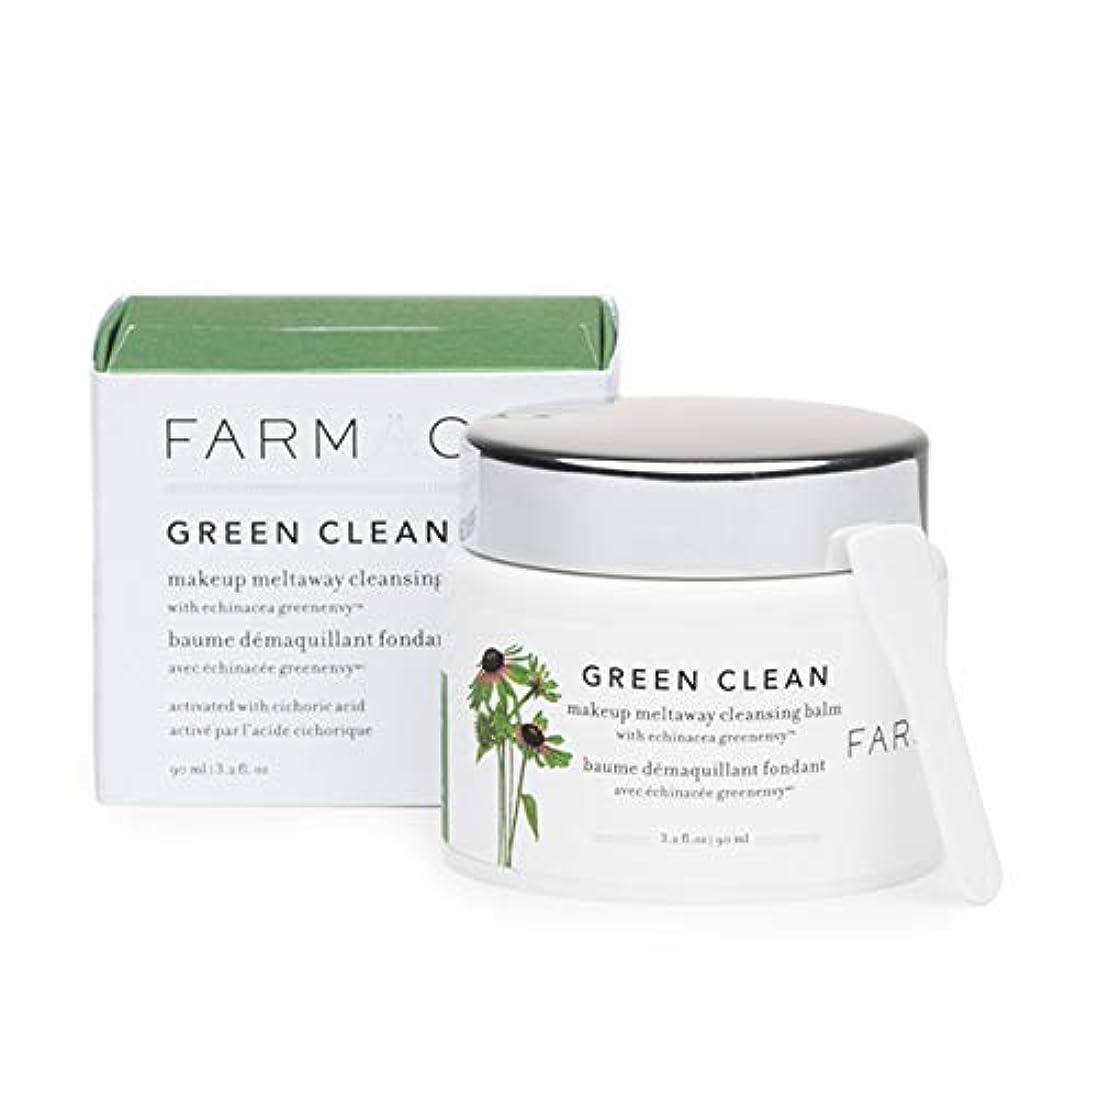 ビデオ彼女のファンド[FARMACY] GREEN CLEAN 90ml / ファーマシーグリーンクリーン 90ml [並行輸入品]